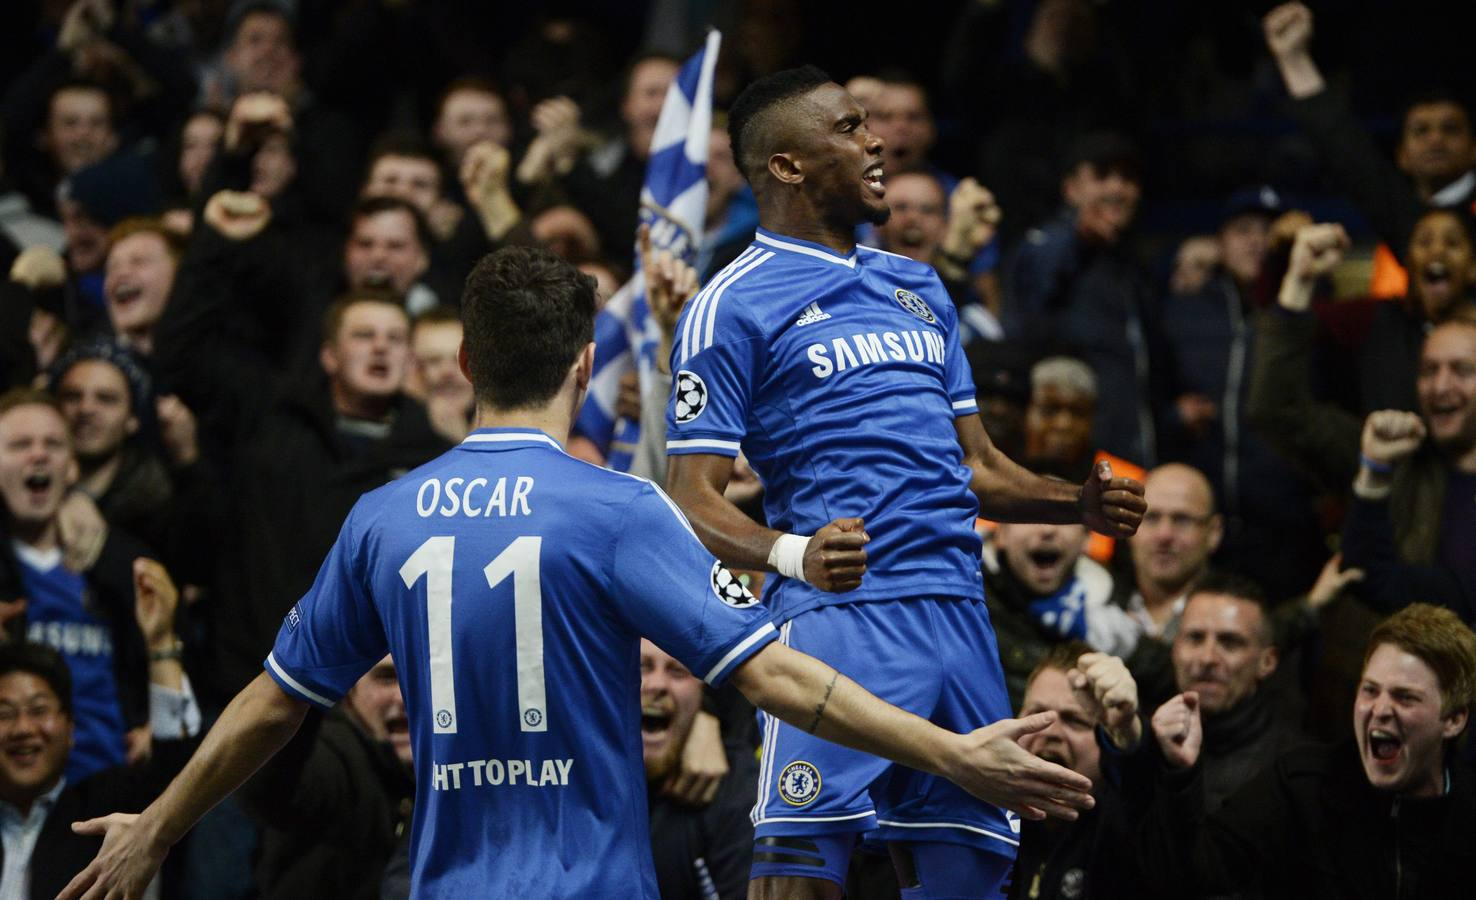 El Chelsea supera al Galatasaray con solvencia